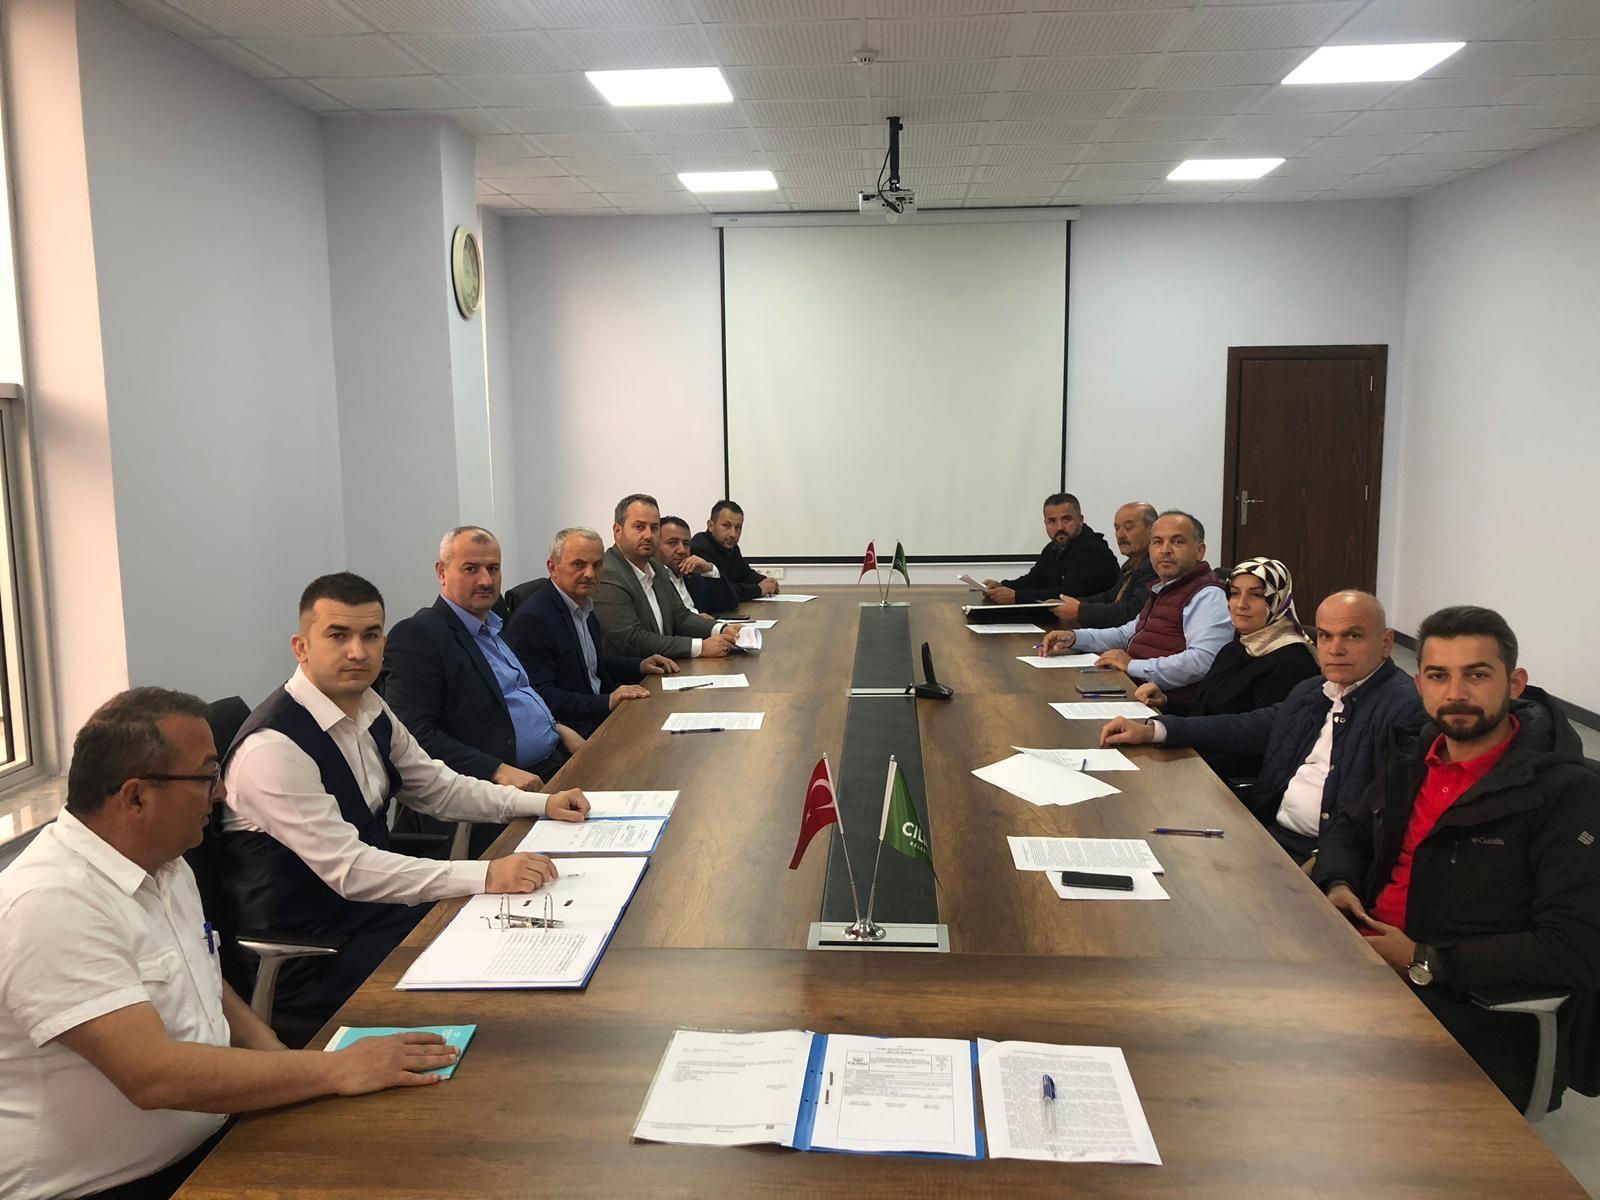 Mayıs Ayı Meclis Toplantısı 1. Birleşimi Gerçekleştirildi